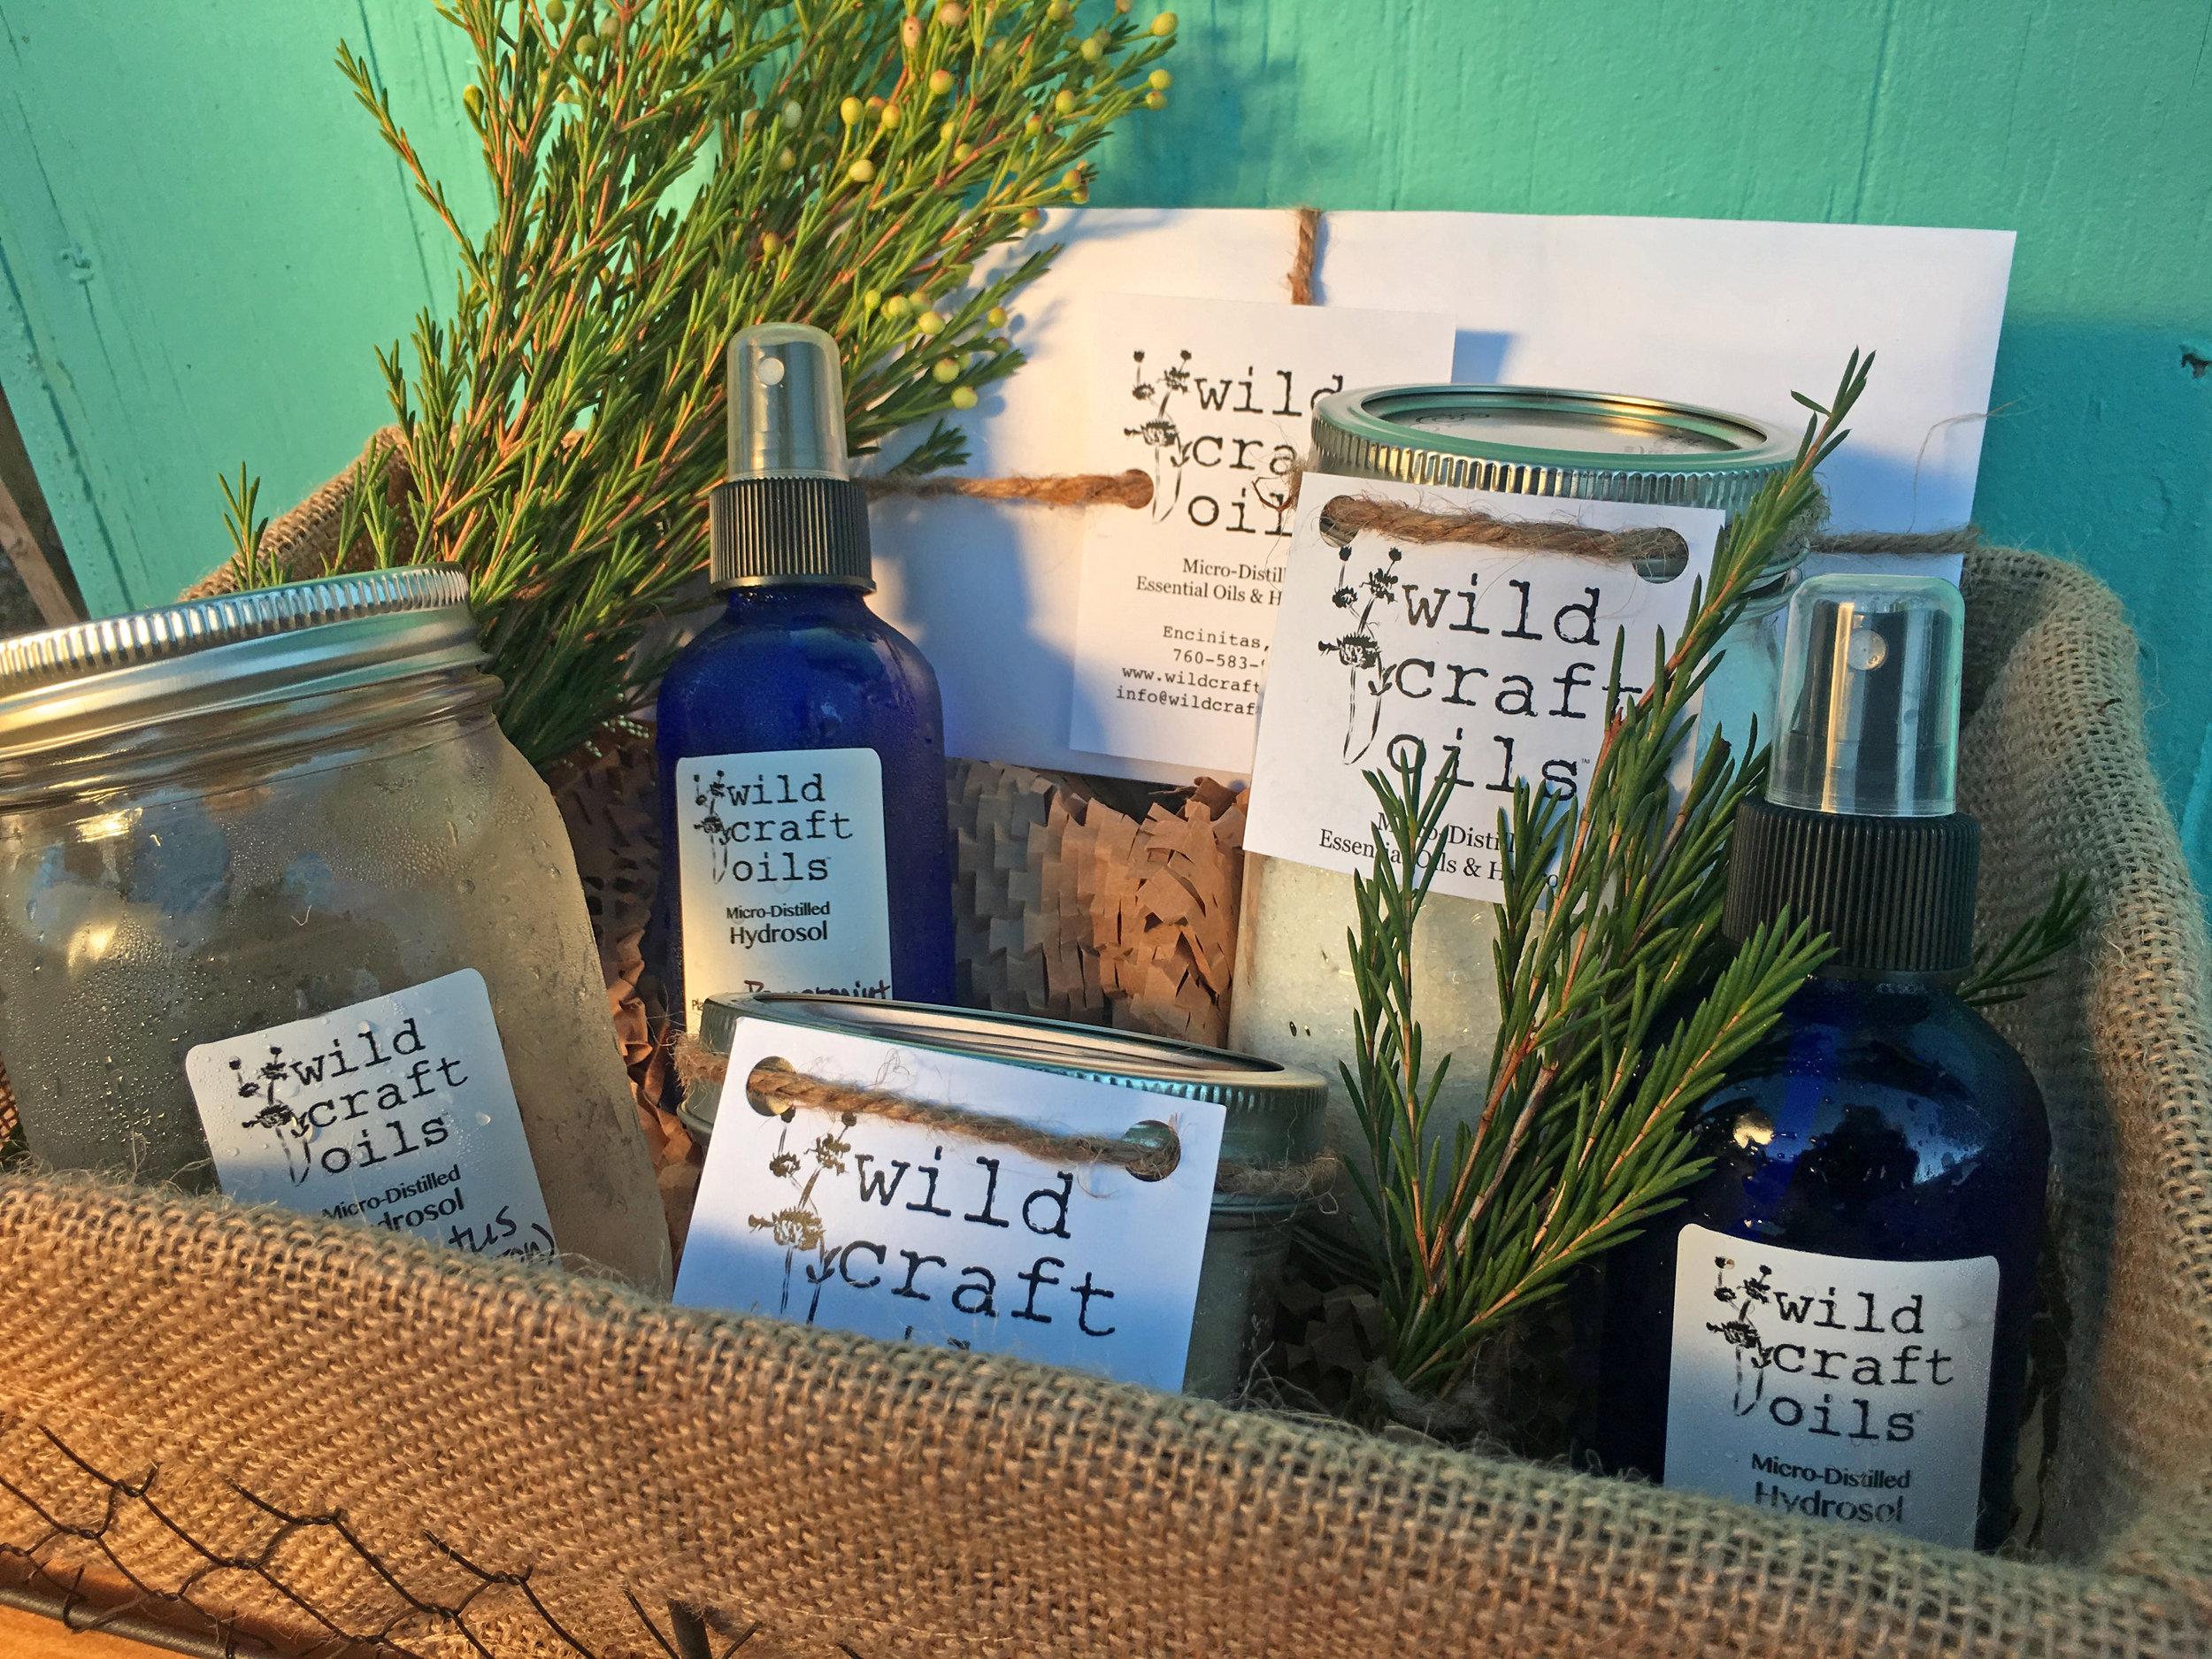 Hydrosol - gift basket - wild craft oils